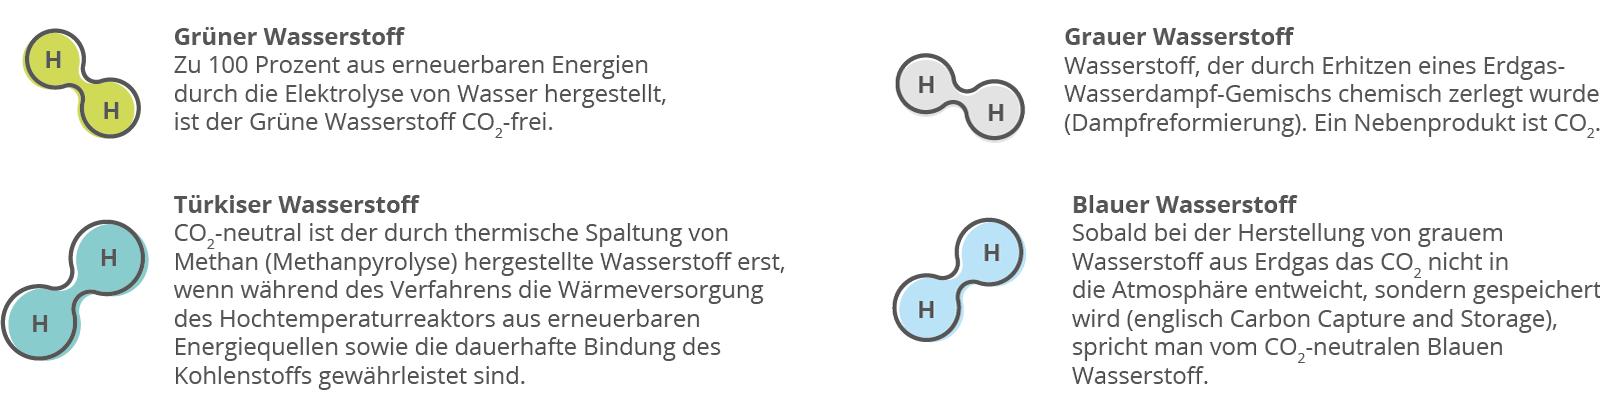 Die Grafik zeigt vier Wasserstoff-Teilchen, die die Farbenlehre des Wasserstoffs wiedergibt. Oben ein grünes Wasserstoff-Teilchen. Daneben ist ein Text: Grüner Wasserstoff. Zu 100 Prozent aus erneuerbaren Energien durch die Elektrolyse von Wasser hergestellt, ist der Grüne Wasserstoff CO2-frei. Darunter ist ein türkises Wasserstoff-Teilchen abgebildet. Daneben steht in einem Text: Türkiser Wasserstoff. CO2-neutral ist der durch thermische Spaltung von Methan (Methanpyrolyse) herstellte Wasserstoff erst, wenn während des Verfahrens die Wärmeversorgung des Hochtemperaturreaktors aus erneuerbaren Energiequellen sowie die dauerhafte Bindung des Kohlenstoffs gewährleistet sind. Dann sind auch noch ein graues Wasserstoff-Teilchen und ein blaues Wasserstoff-Teilchen zu sehen. Daneben steht auch jeweils ein Text: Grauer Wasserstoff. Wasserstoff, der durch Erhitzen eines Erdgas-Wasserdampf-Gemischs chemisch zerlegt wurde (Dampfreformierung). Ein Nebenprodukt ist CO2. Blauer Wasserstoff. Sobald bei der Herstellung von grauem Wasserstoff aus Erdgas das CO2 nicht in die Atmosphäre entweicht, sondern gespeichert wird (englisch Carbon Capture and Storage), spricht man vom CO2-neutralem Blauen Wasserstoff.